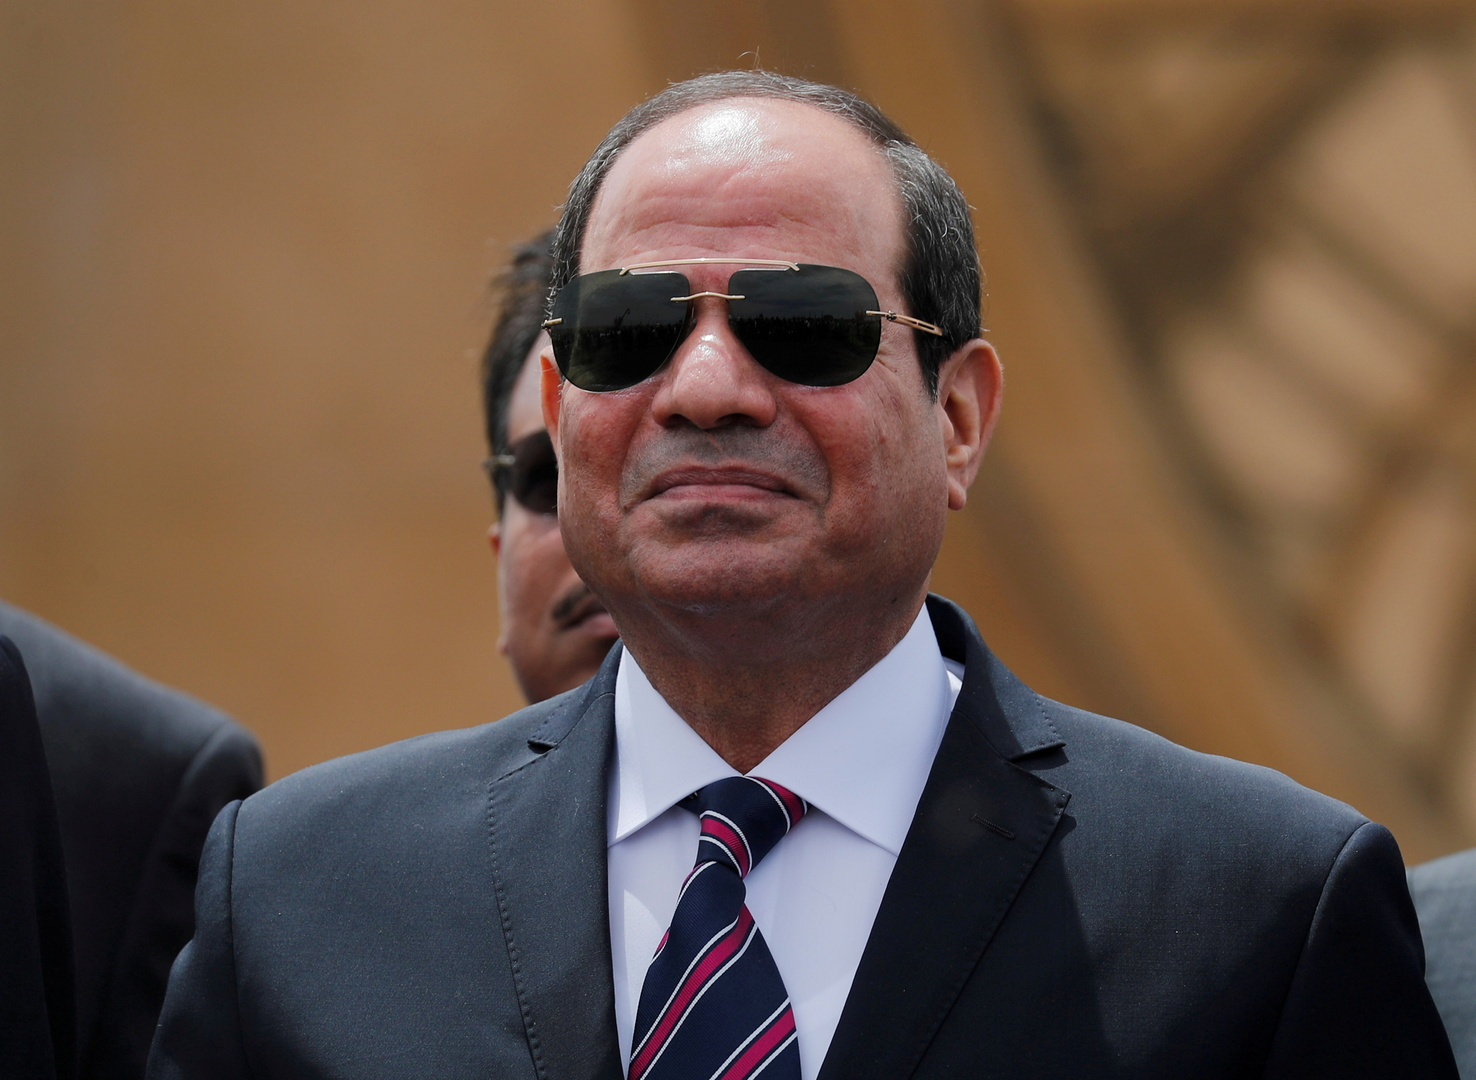 السيسي يفتتح اليوم أحدث القواعد العسكرية المصرية على البحر المتوسط